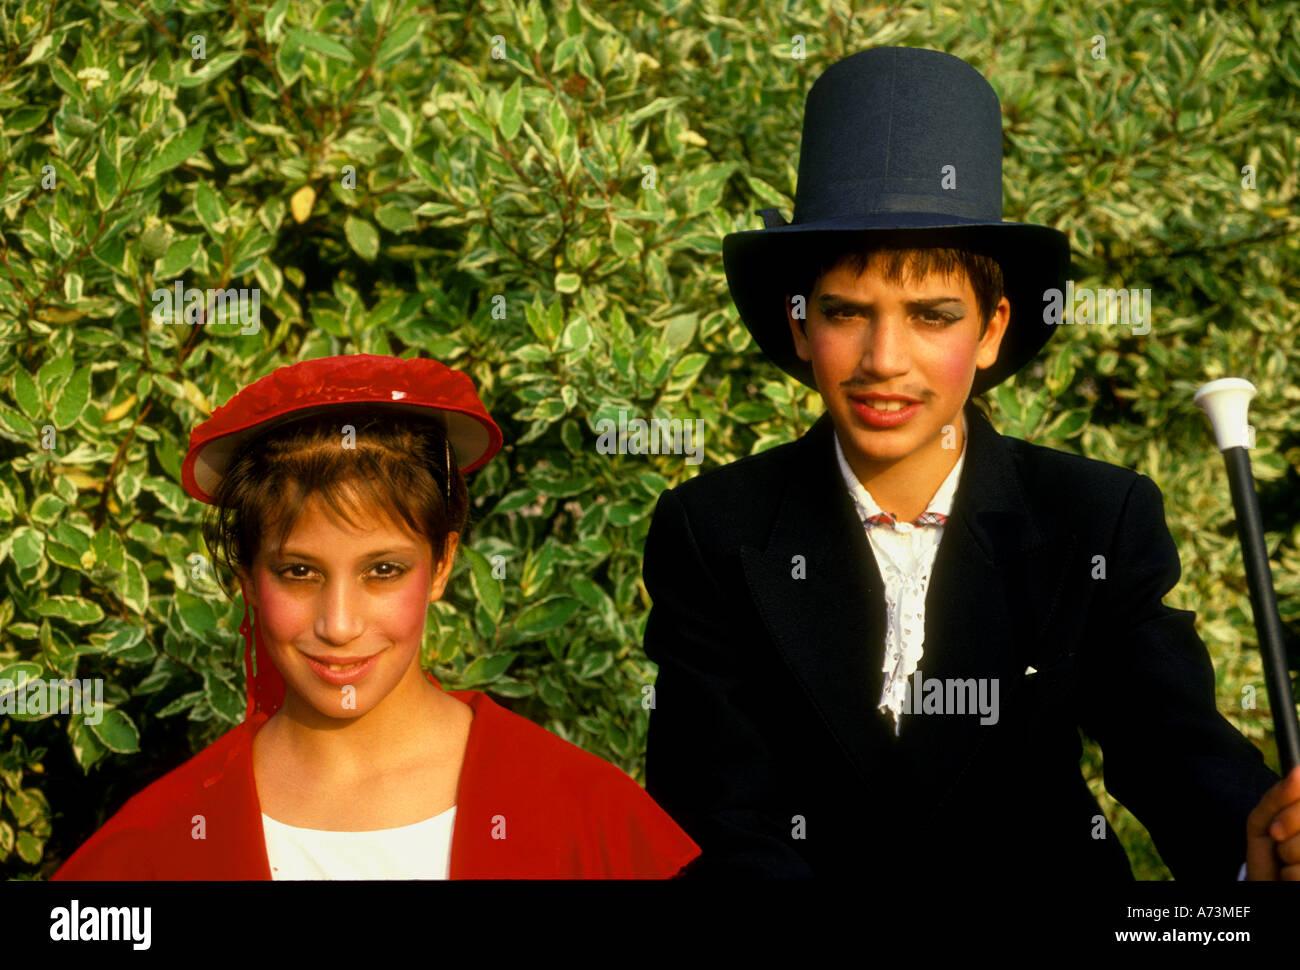 French girl, French, girl, French boy, French, boy, French children, students, costume dance, school dance, Les Mureaux, Ile-de-France, France - Stock Image